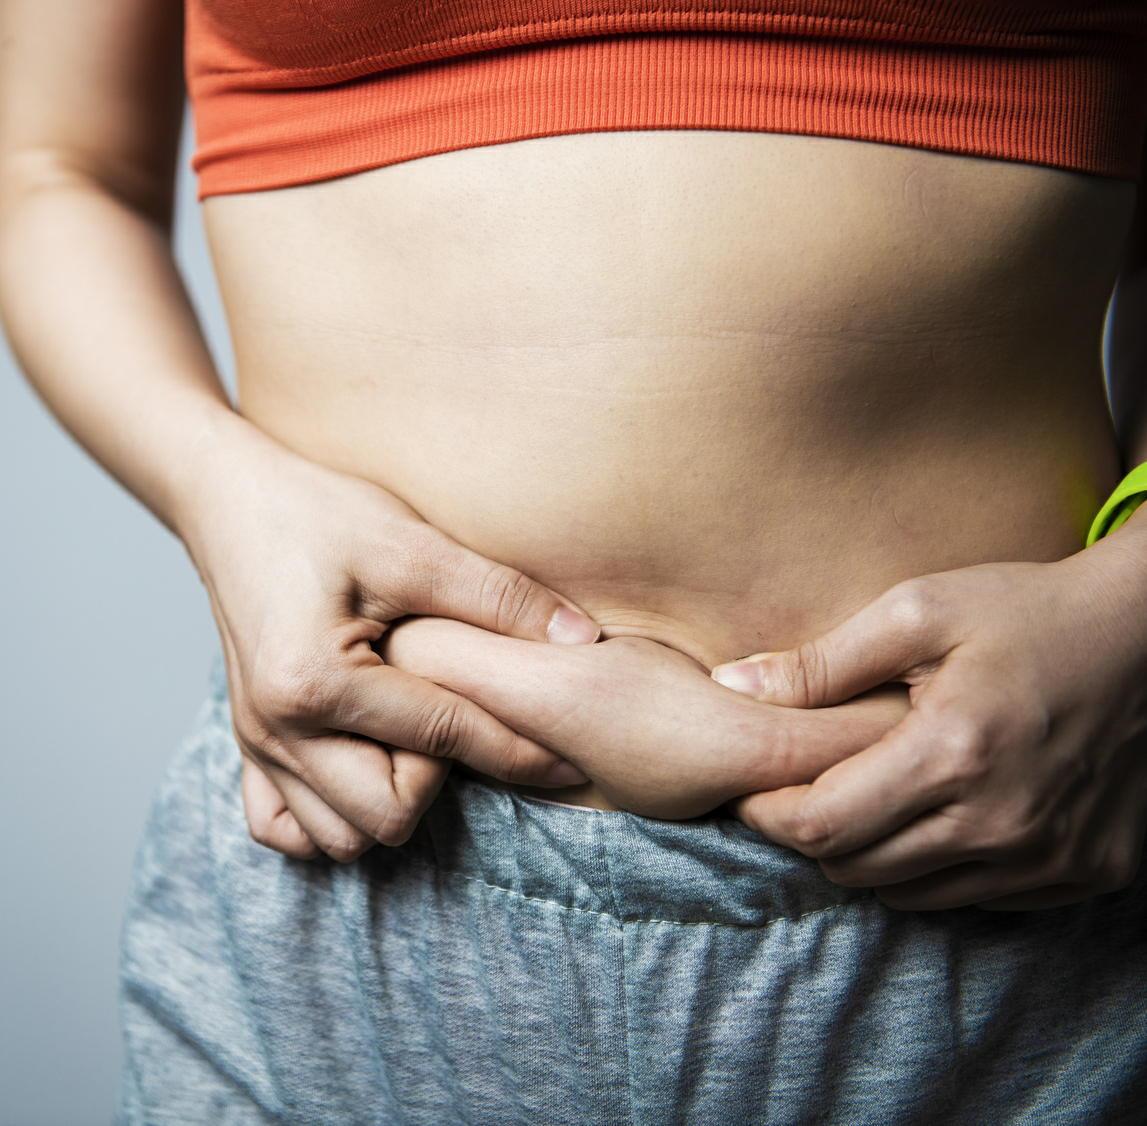 肥満やメタボの新たな治療 肝臓の「アクチビンE」が脂肪を燃焼